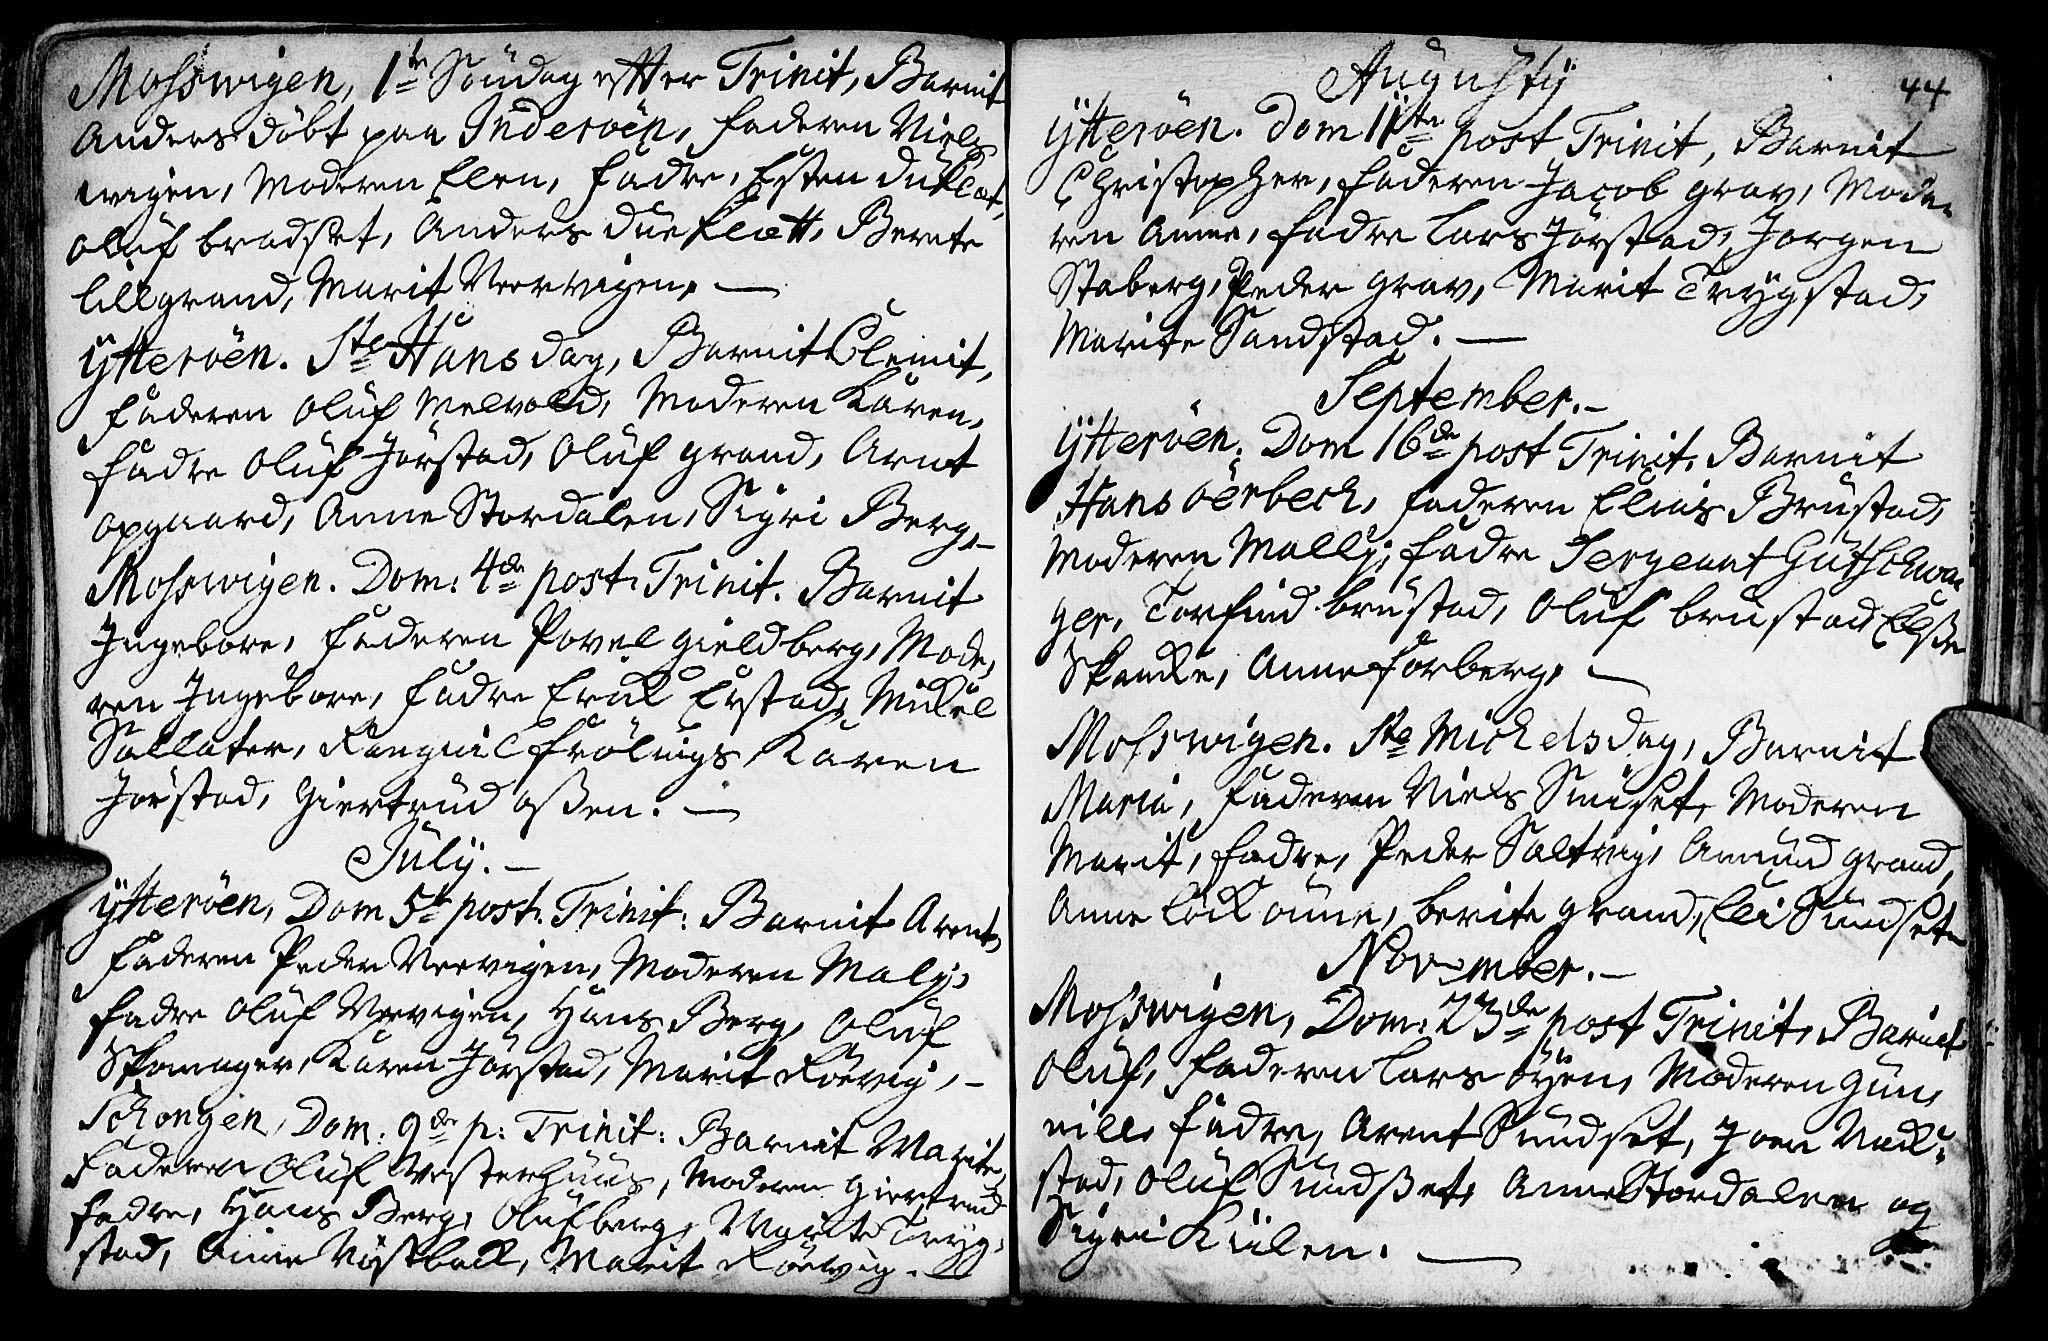 SAT, Ministerialprotokoller, klokkerbøker og fødselsregistre - Nord-Trøndelag, 722/L0215: Ministerialbok nr. 722A02, 1718-1755, s. 44